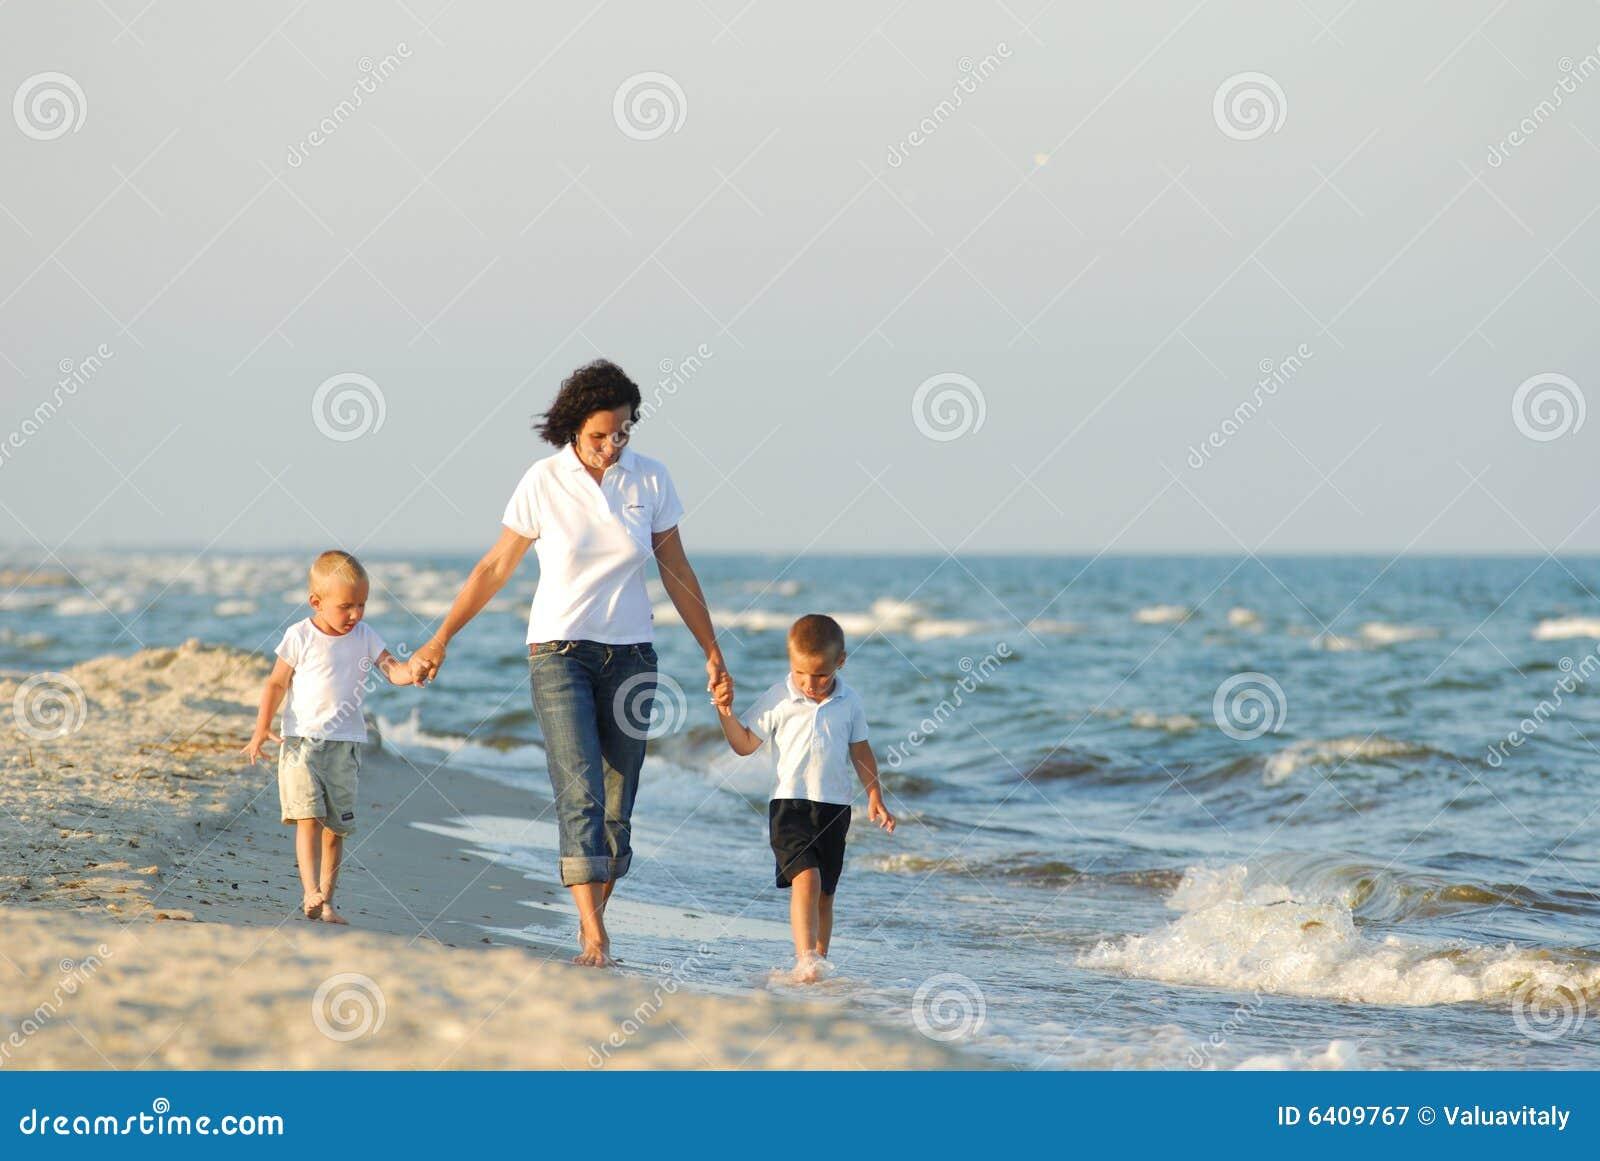 Frau und Kinder am Strand